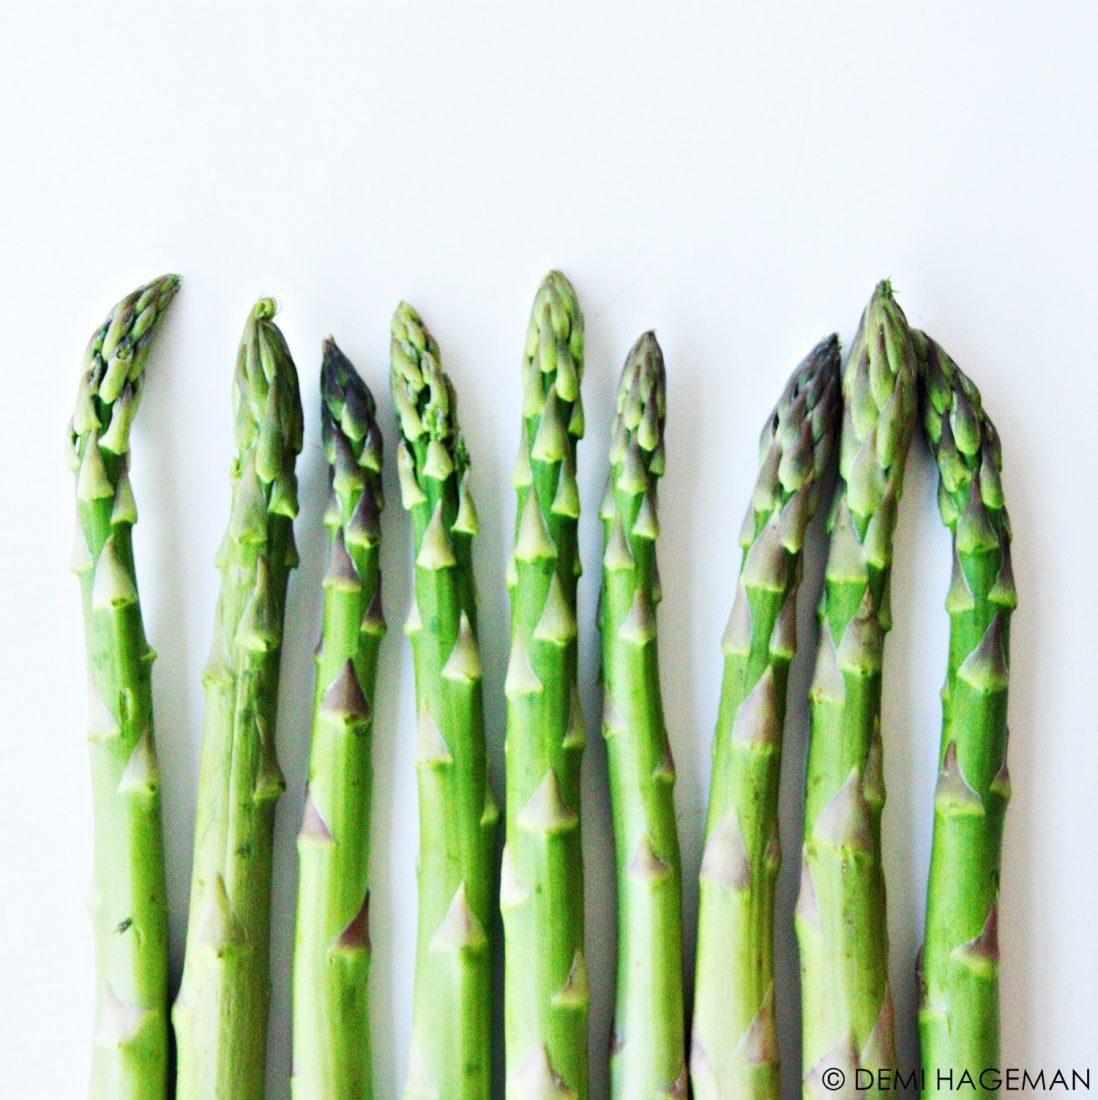 foodie favorieten groene asperges seizoensgroenten van april